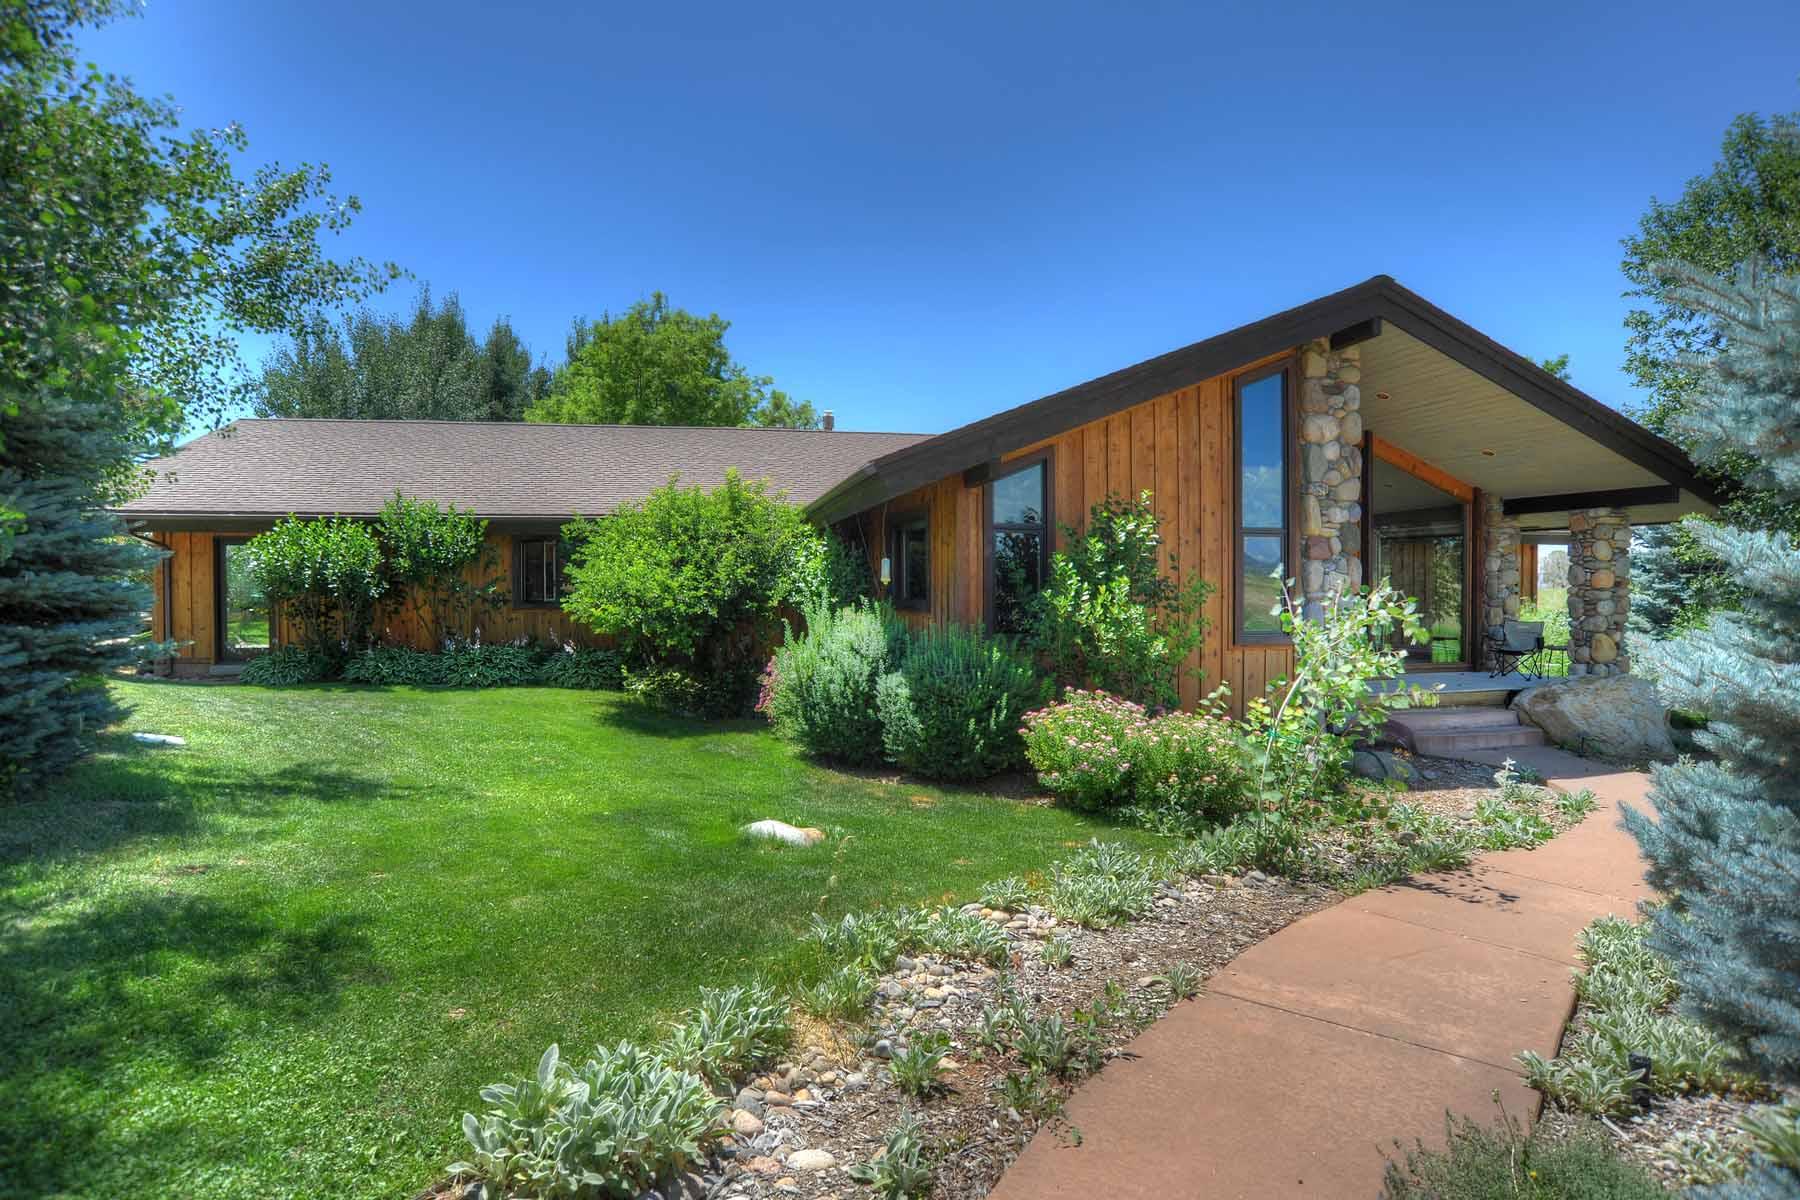 Частный односемейный дом для того Продажа на Flying Buffalo Ranch 908 CR 520 Bayfield, Колорадо, 81122 Соединенные Штаты